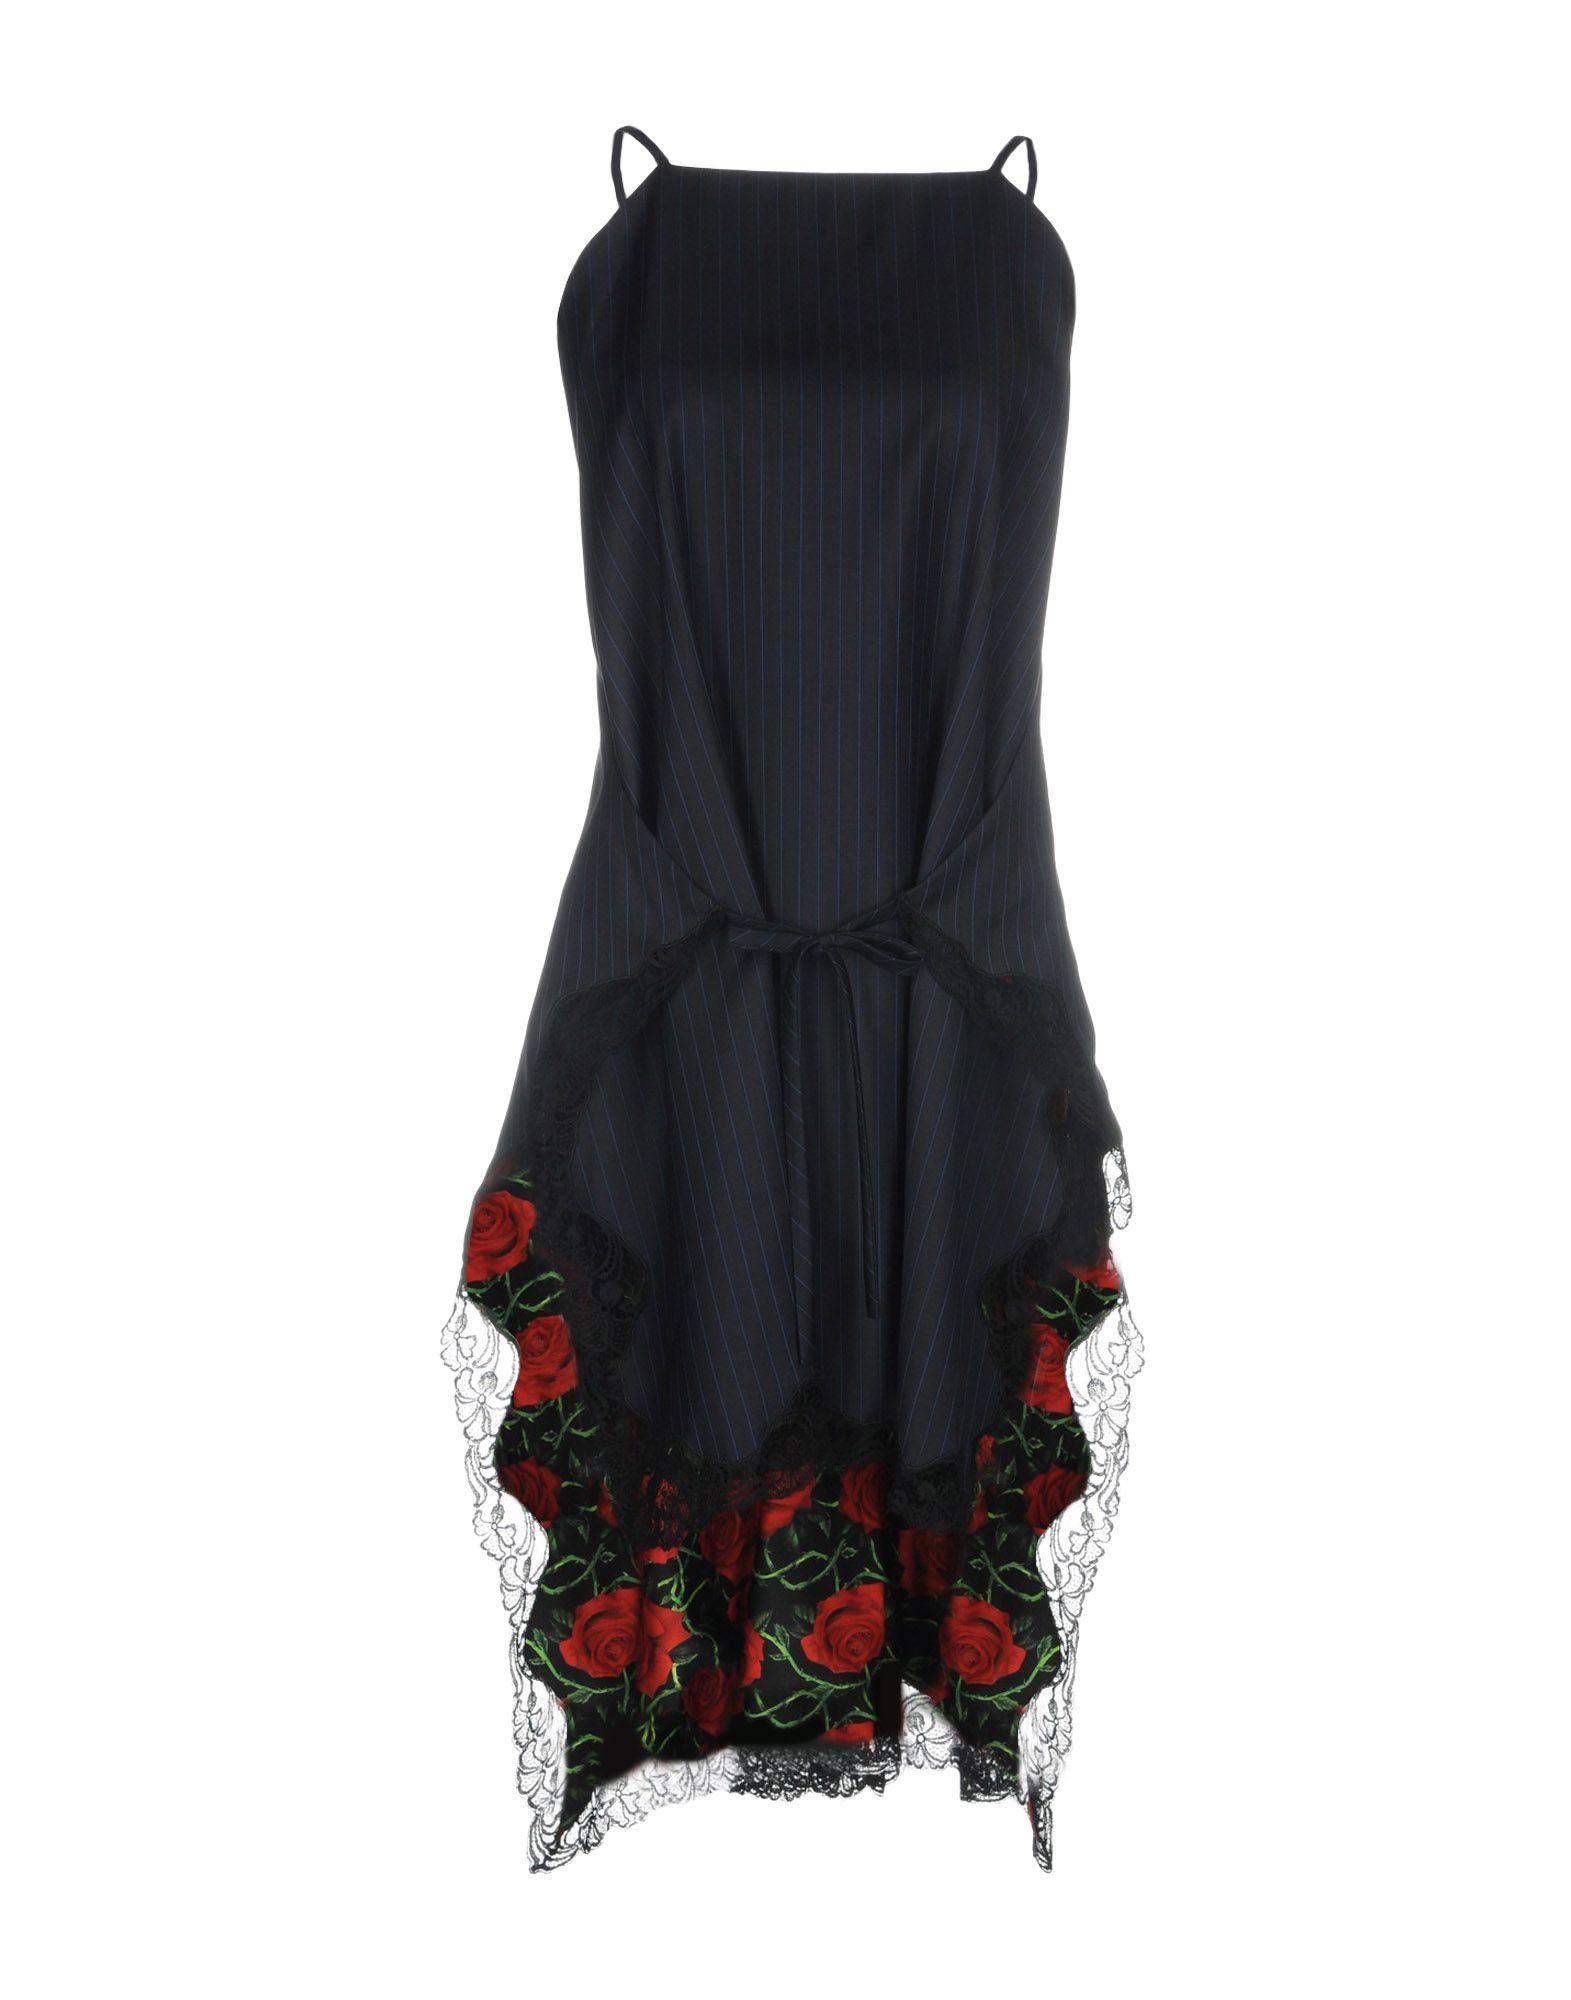 ALEXANDER WANG Короткое платье платье без рукавов с кружевной вставкой на спинке